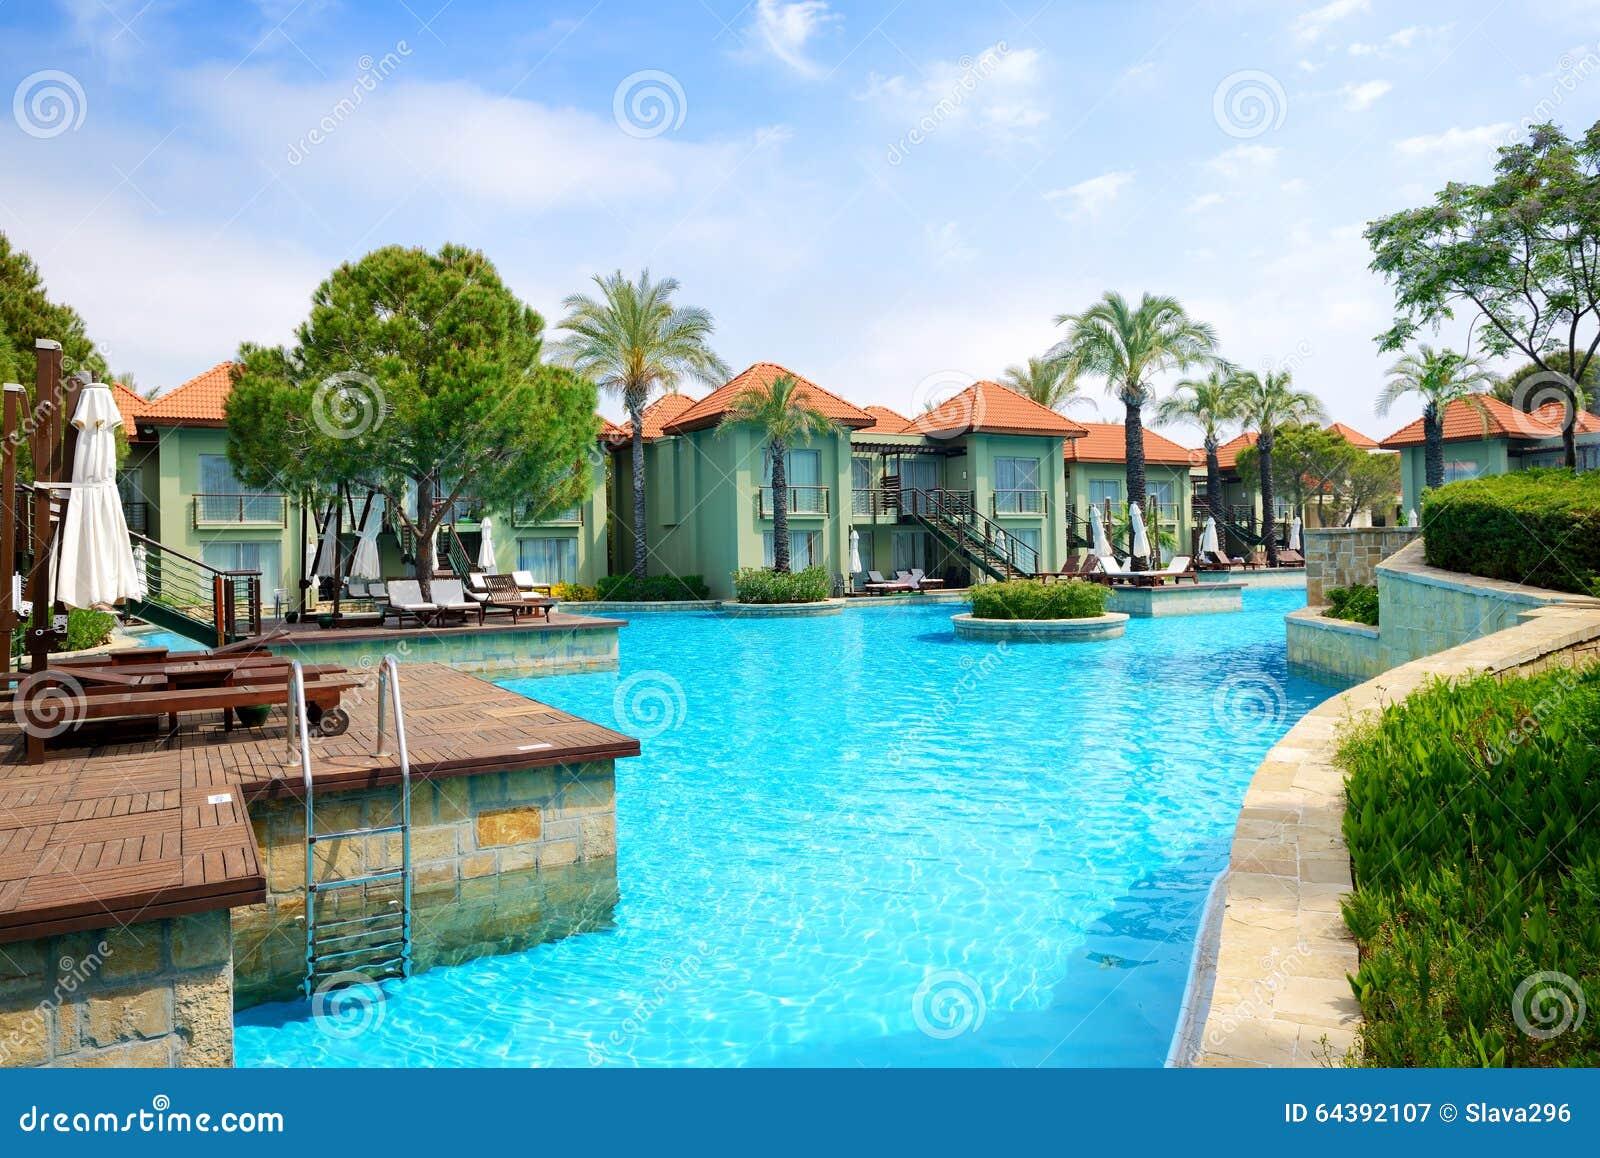 Casas de campo modernas com piscina no hotel de luxo for Casas de campo modernas con piscina